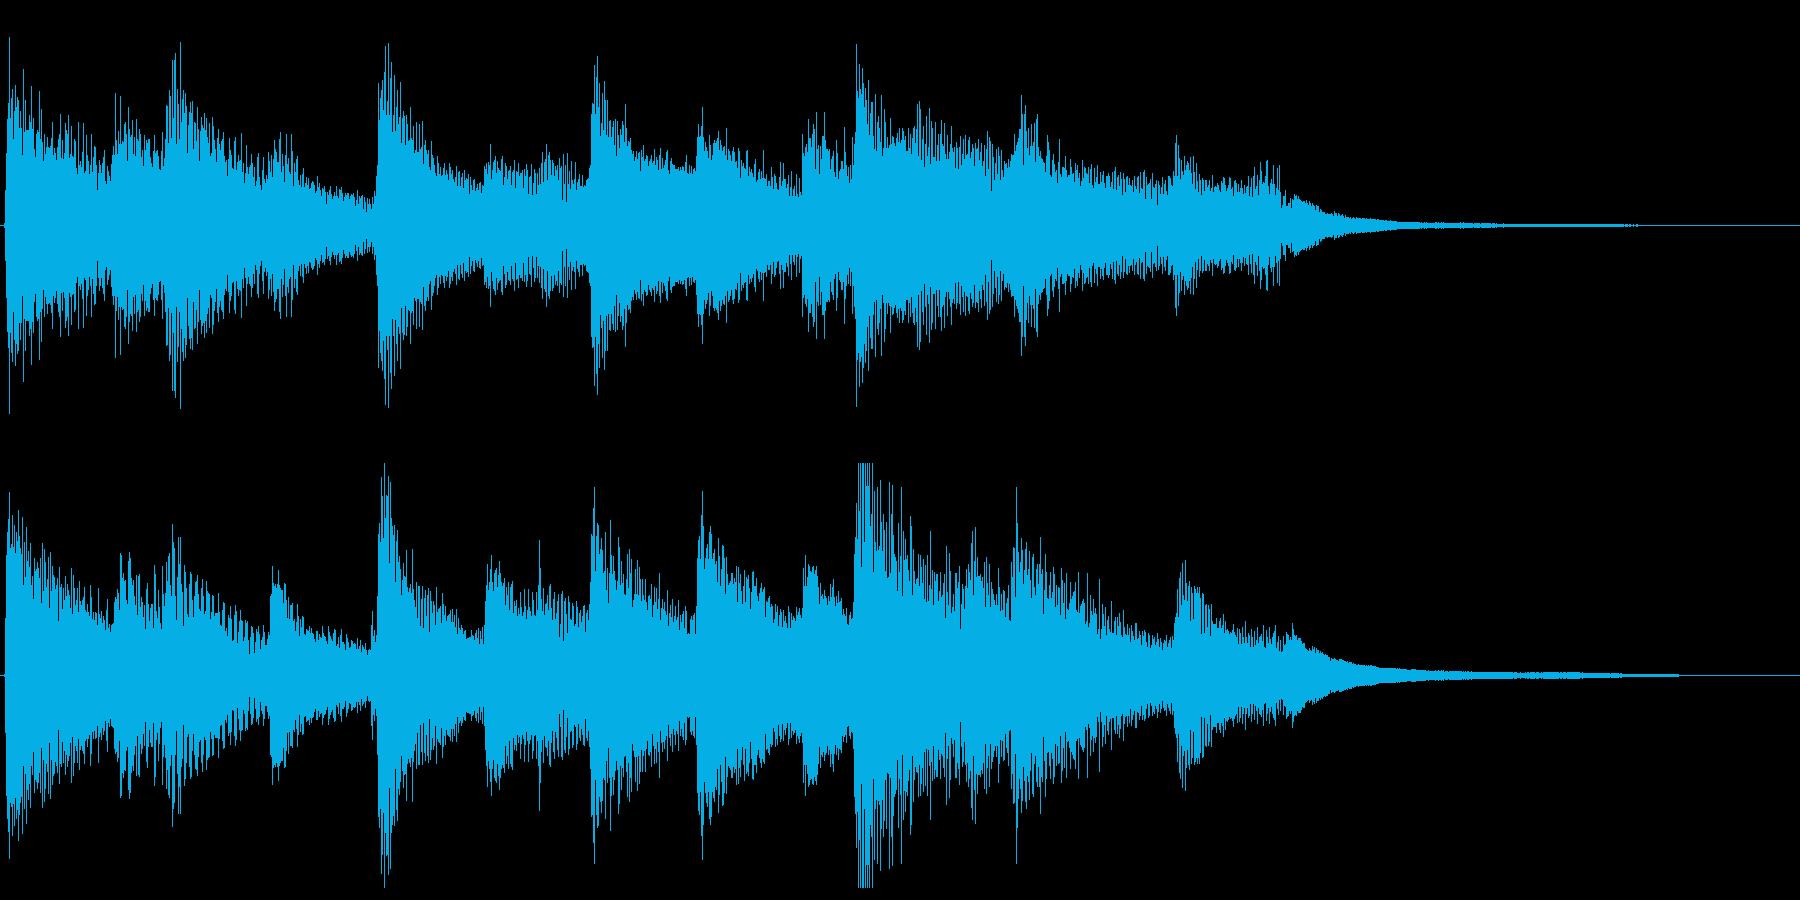 ピアノによるしんみりとしたジングルの再生済みの波形